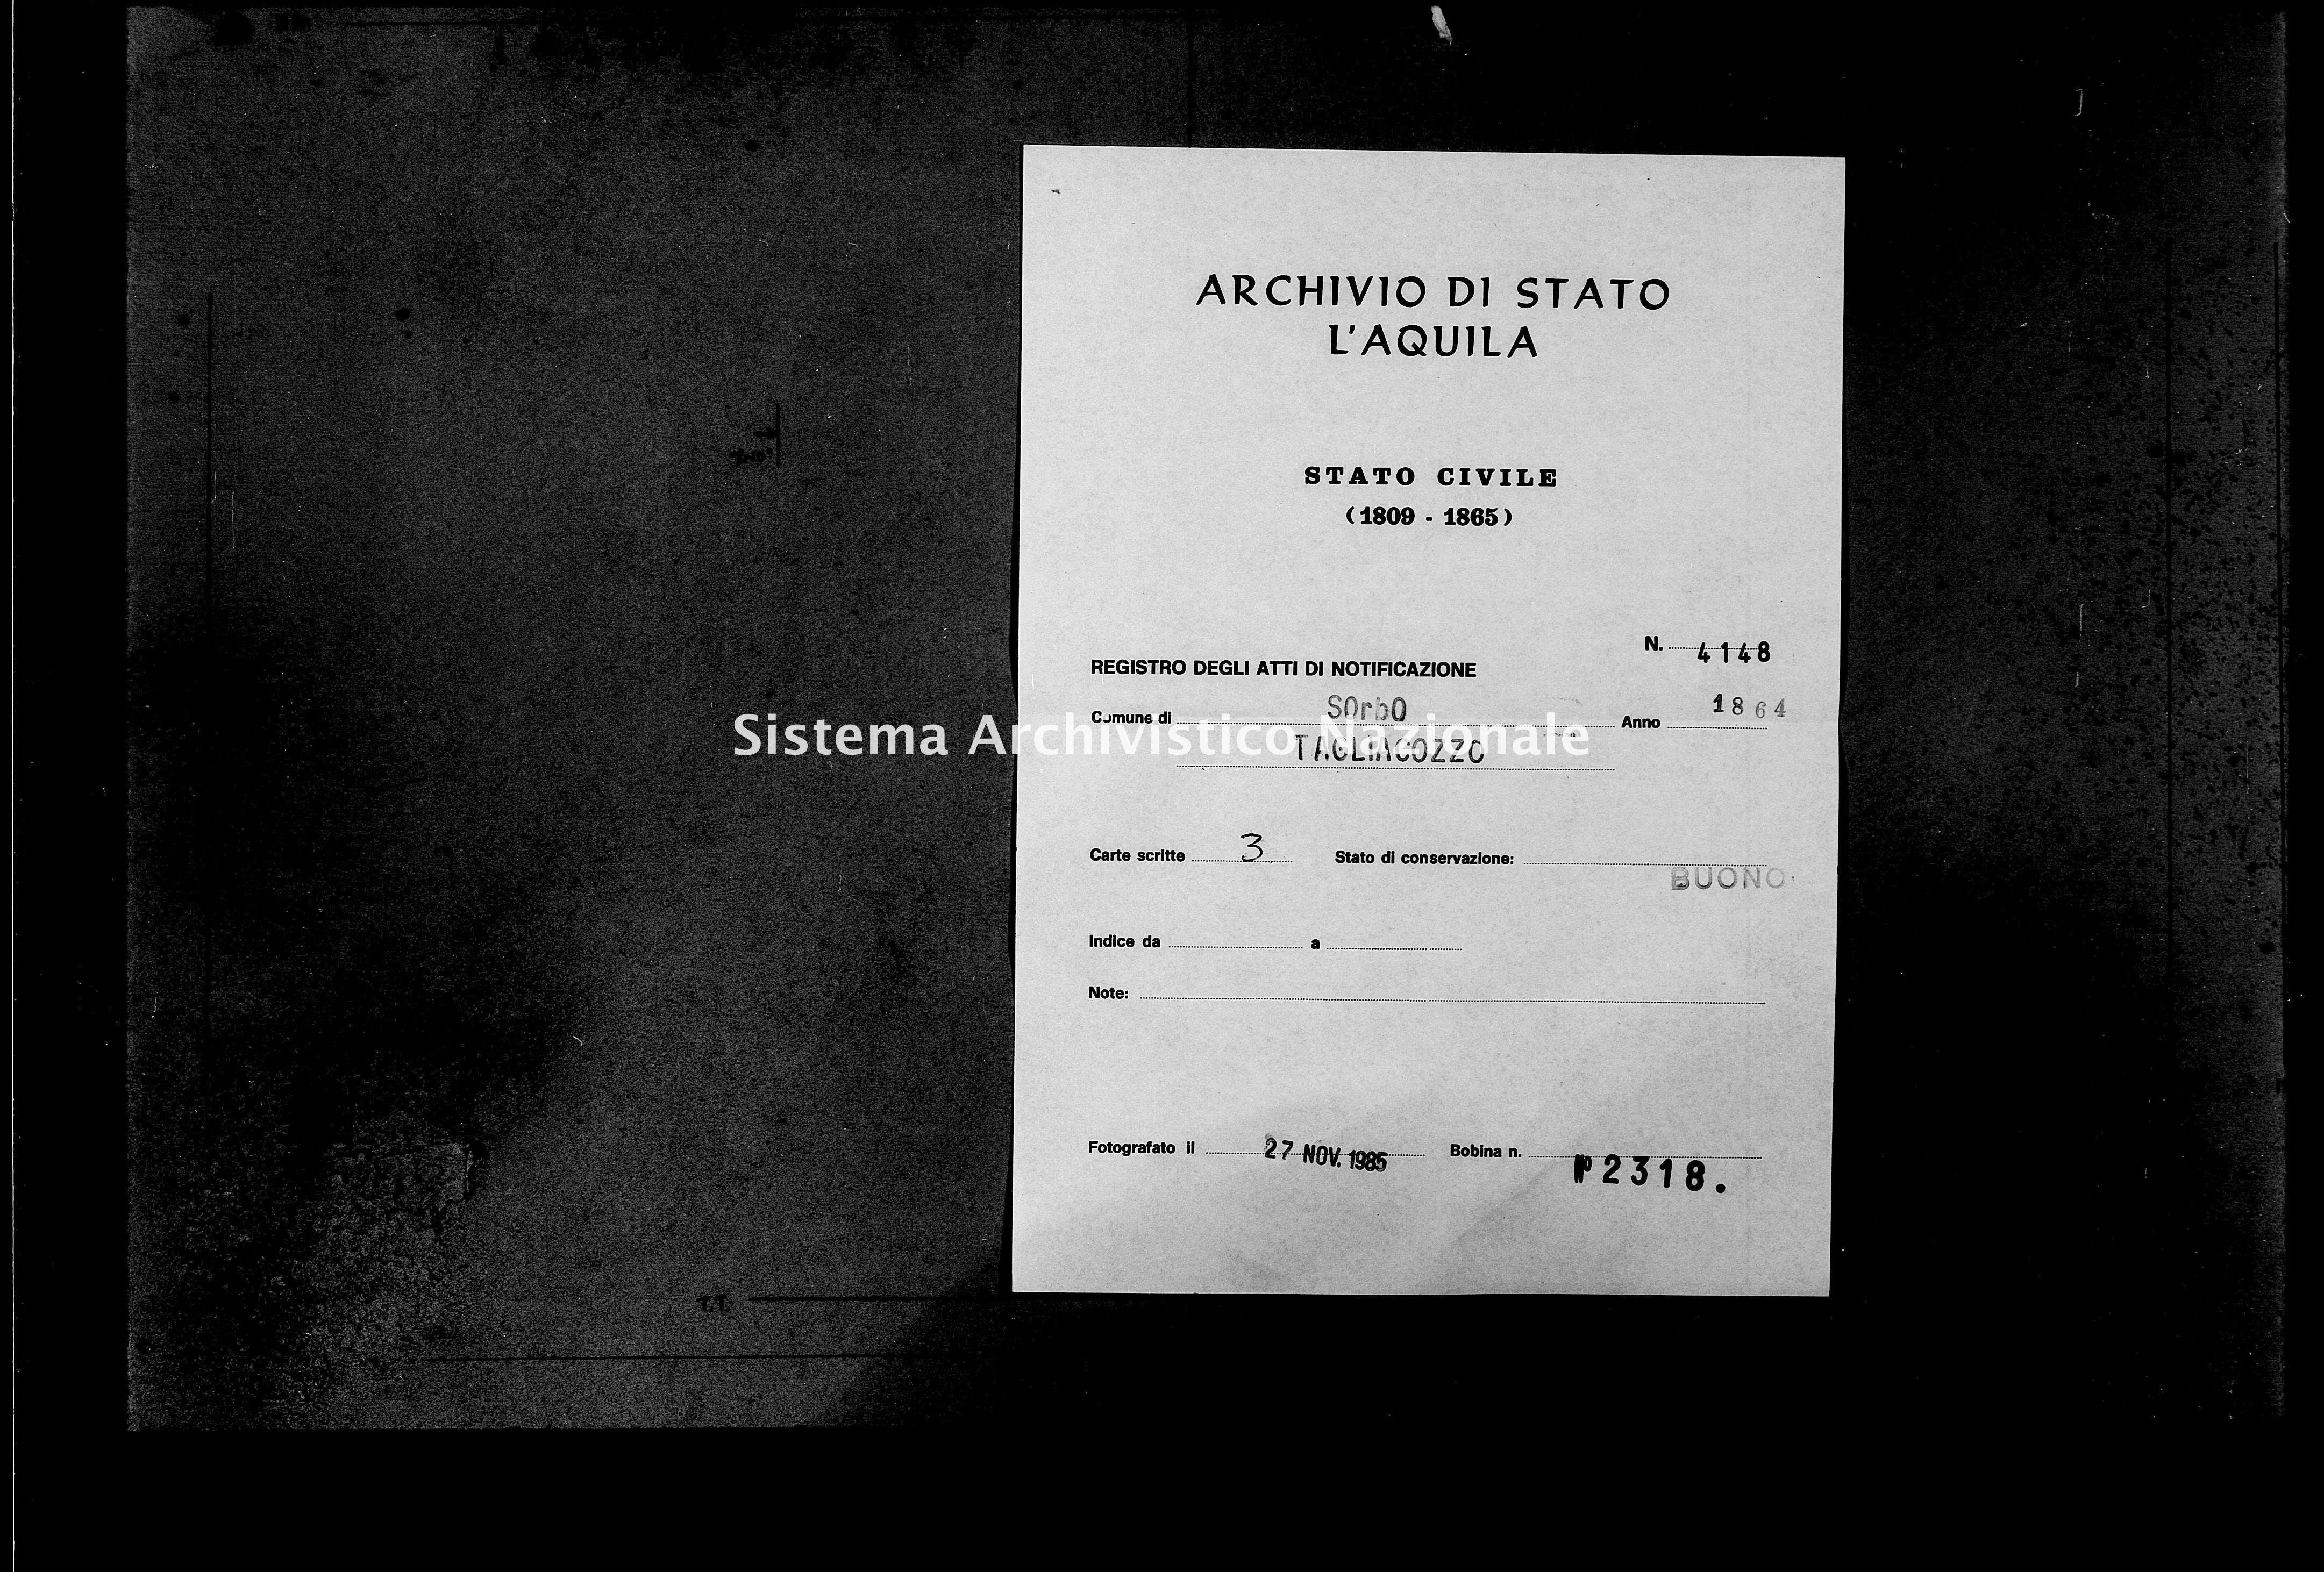 Archivio di stato di L'aquila - Stato civile italiano - Sorbo - Matrimoni, memorandum notificazioni ed opposizioni - 1864 - 4148 -